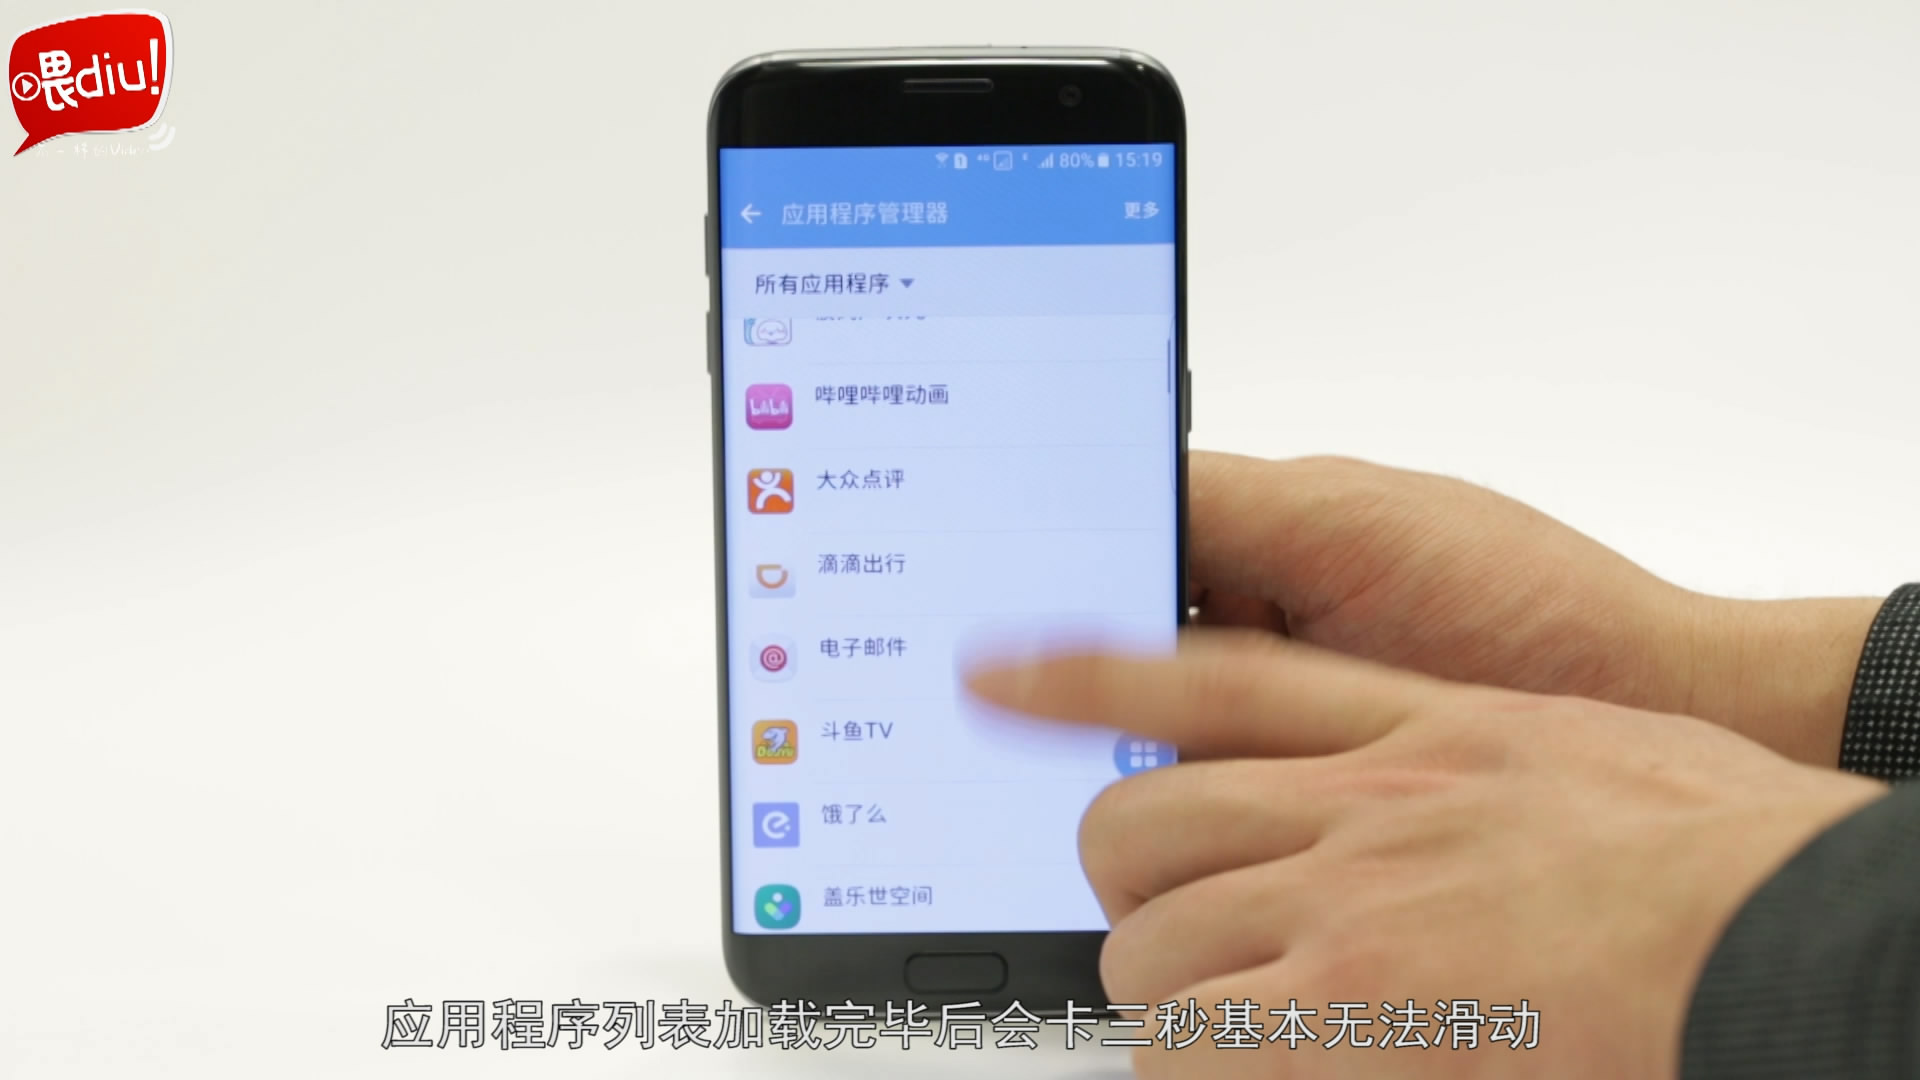 三星Galaxy S7 edge体验评测